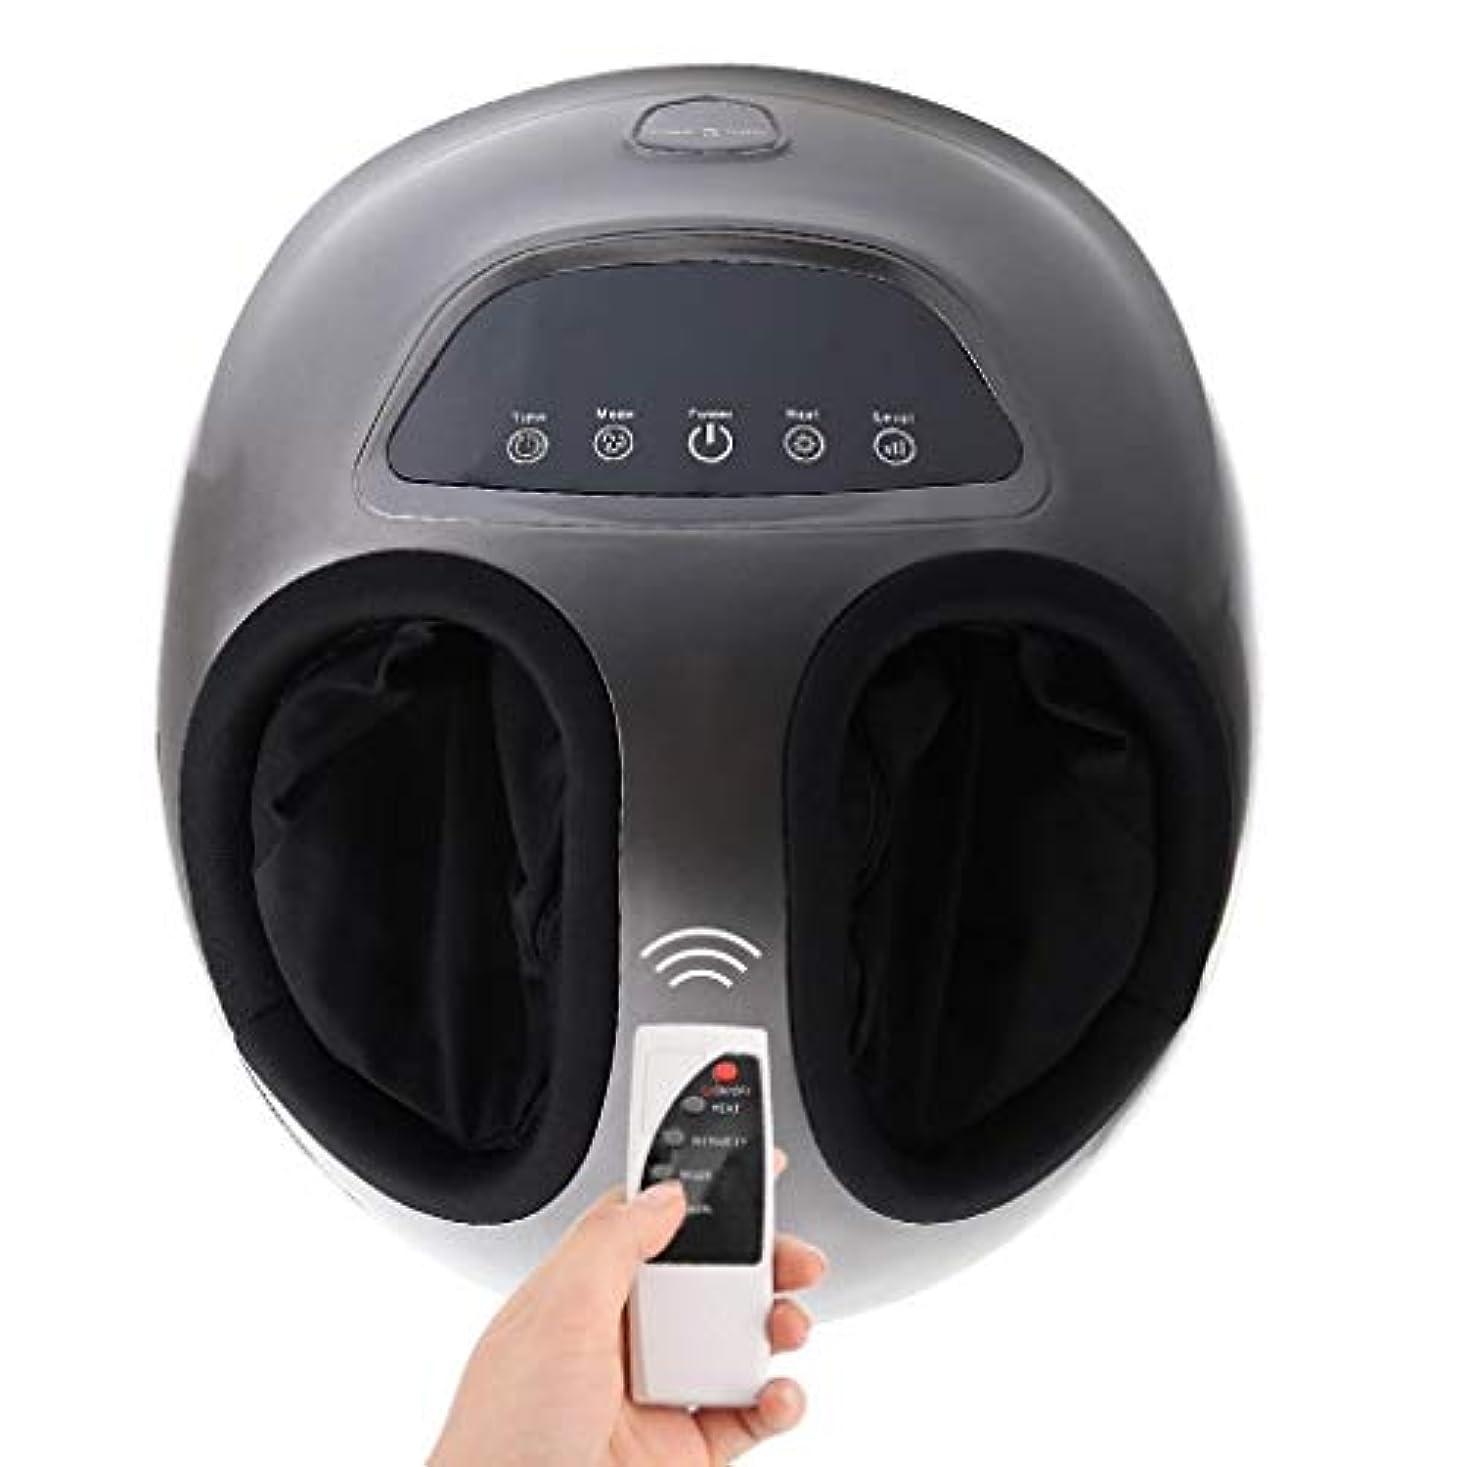 追加ブースヒュームフットマッサージャー、加熱指圧ローリングニーディングマッサージ、エアコンプレッションフットウォーマーによる血液循環/睡眠の促進